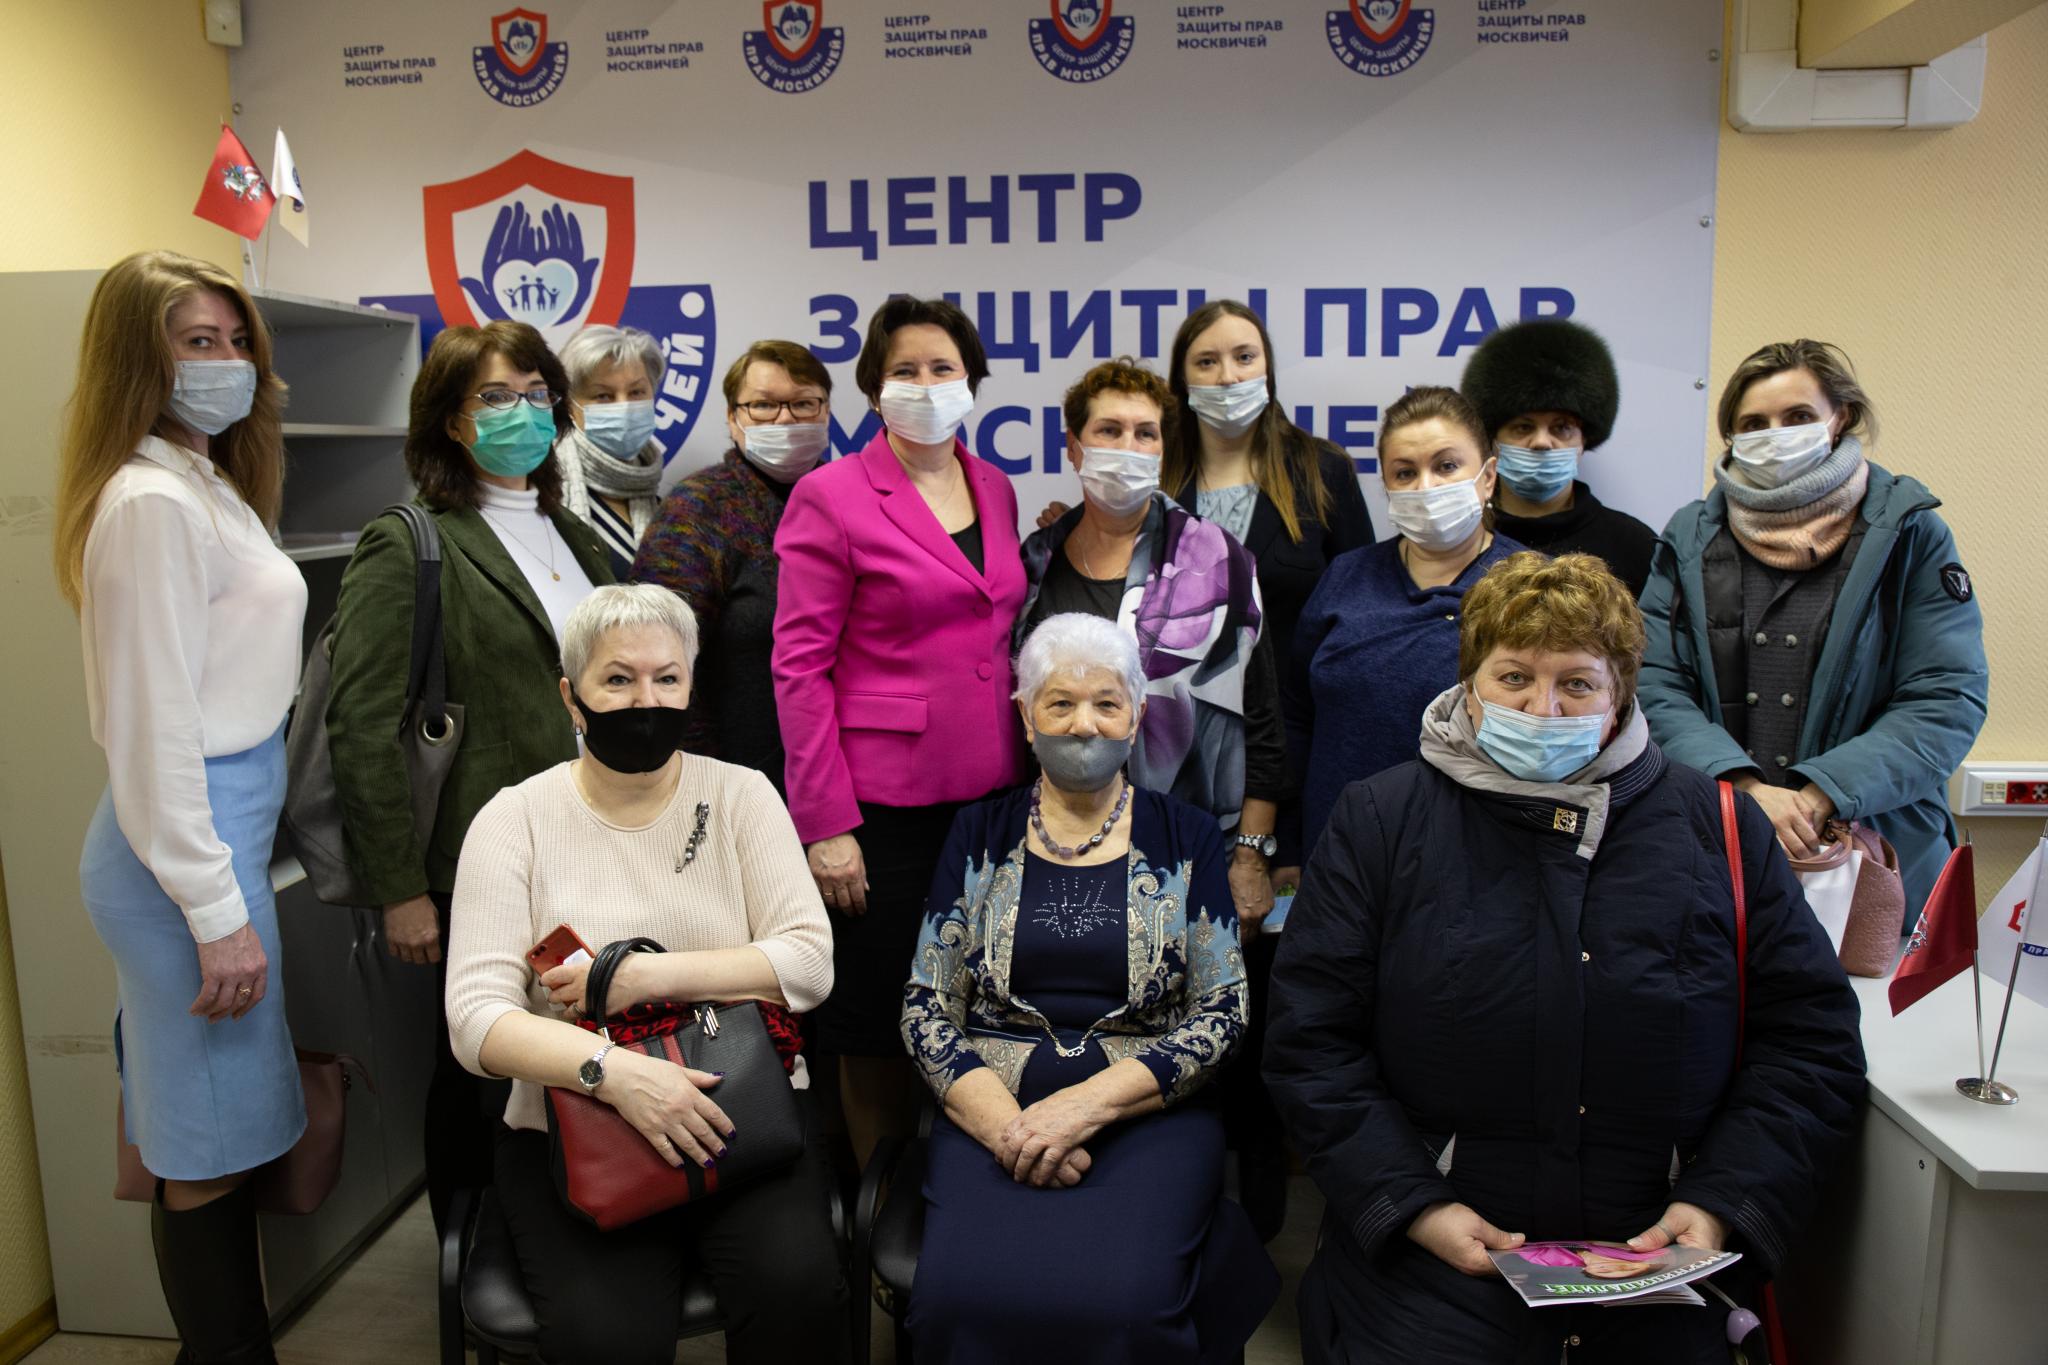 Центр защиты прав москвичей открылся в Даниловском районе